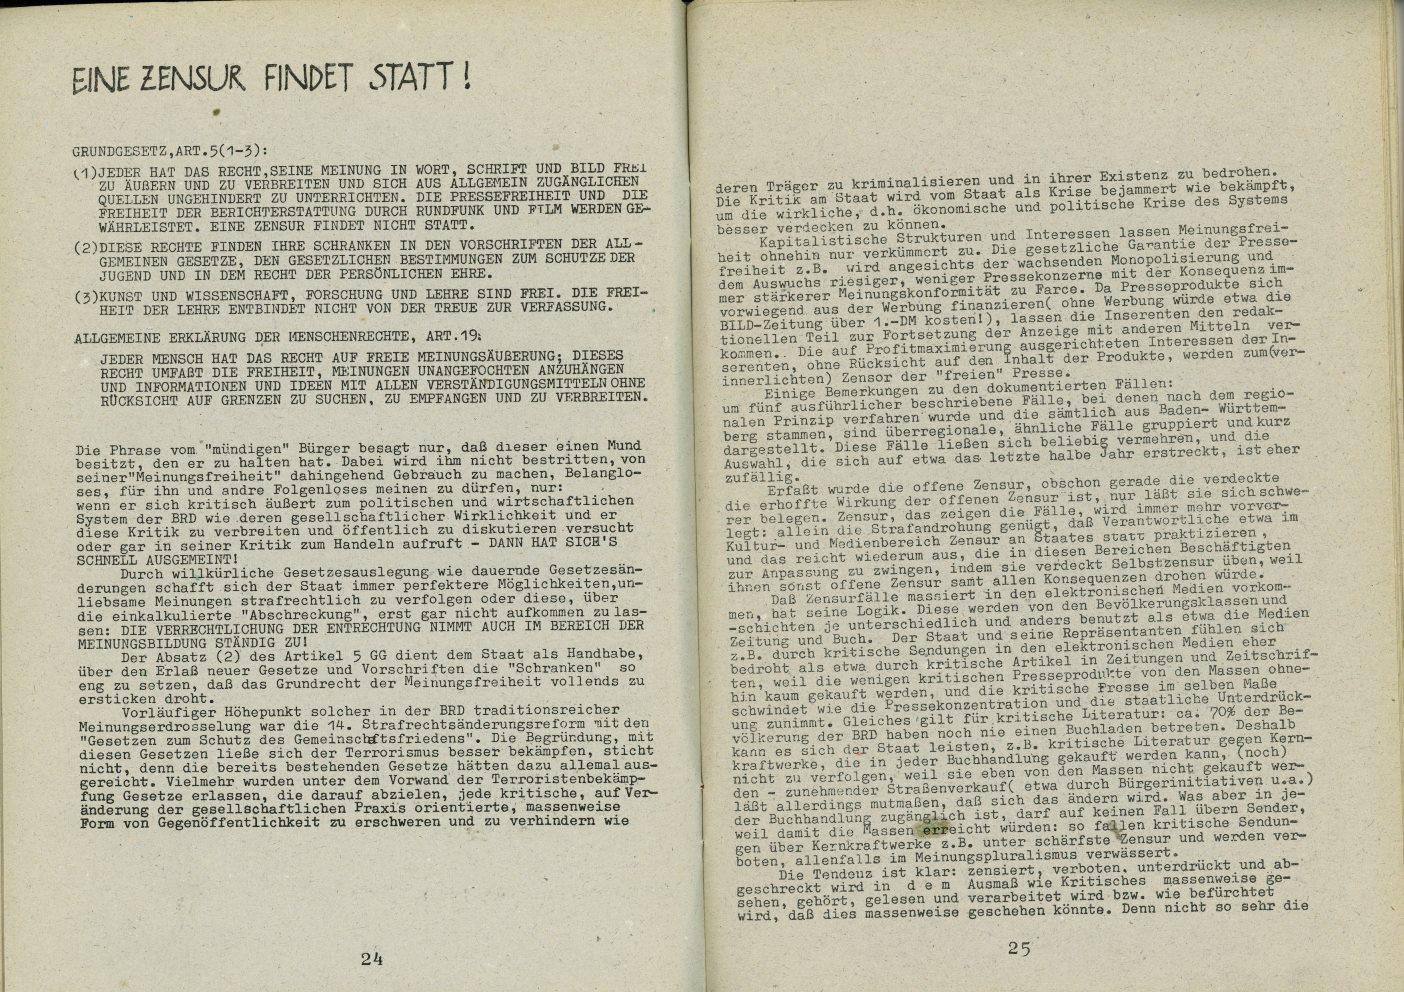 Stuttgart_AGRT_Menschenrechtsverletzungen_Leseheft_1978_14